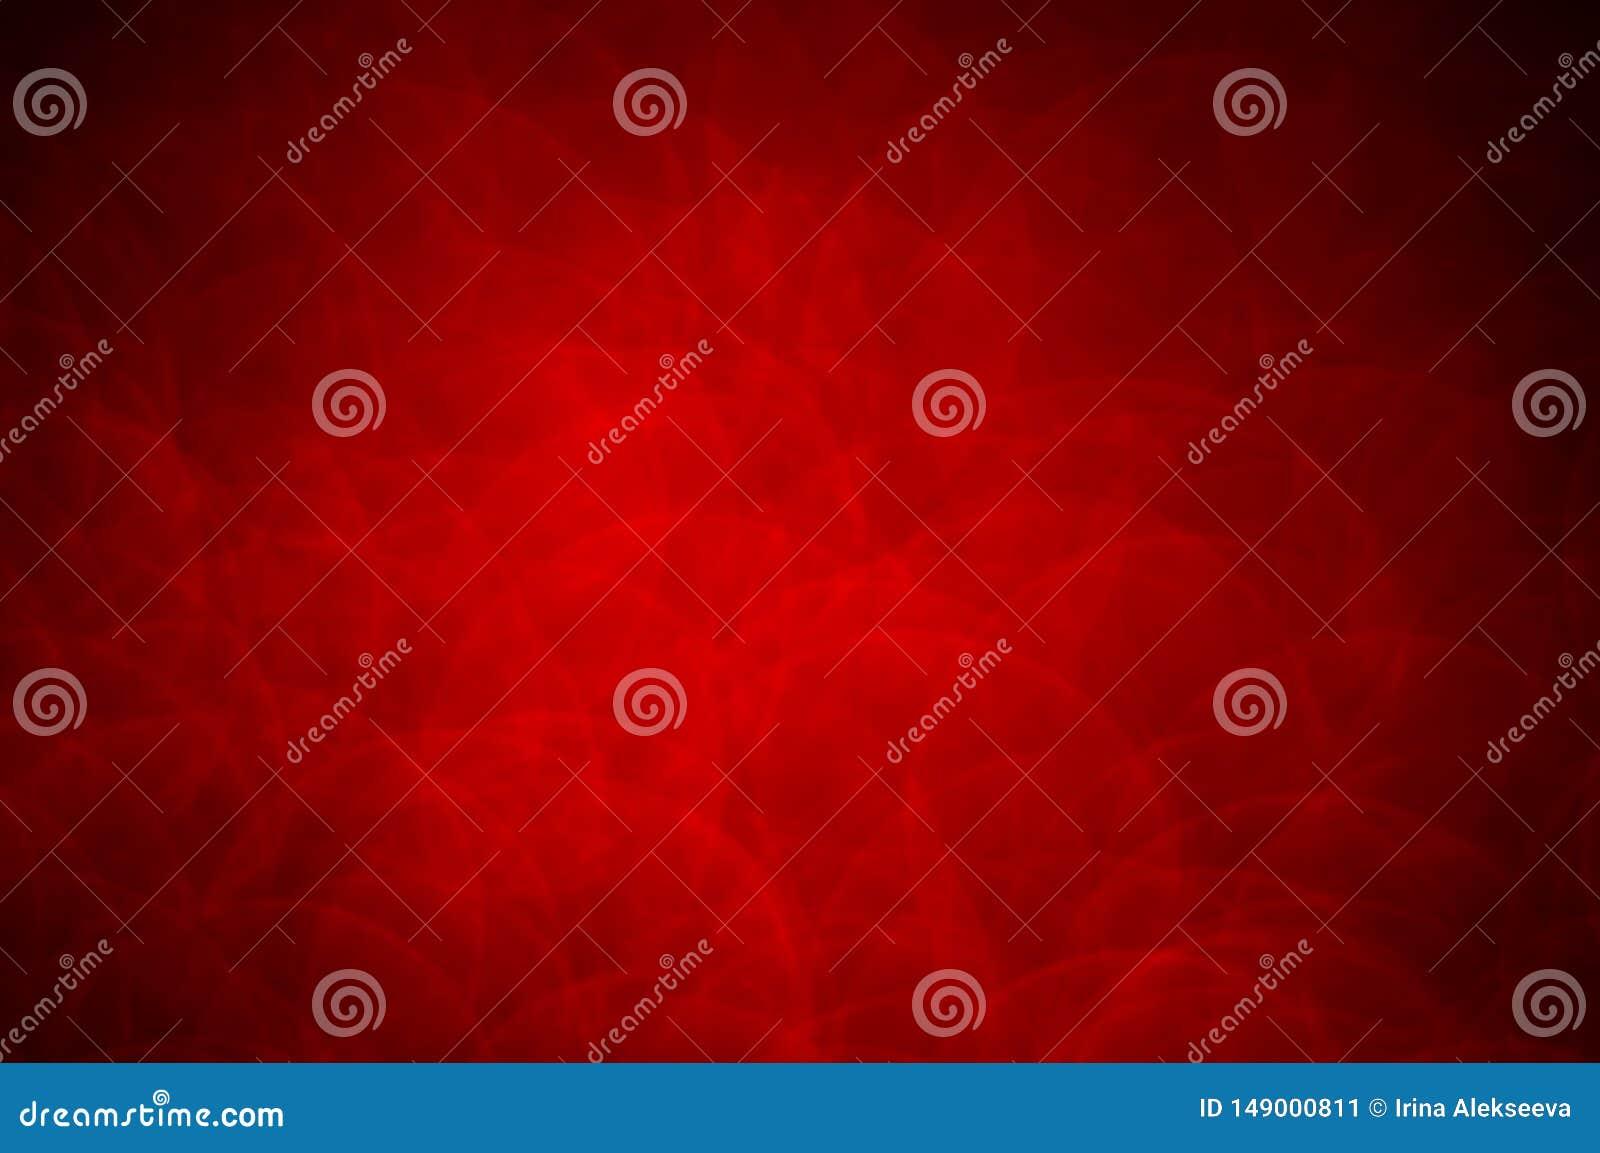 Красная абстрактная предпосылка с темным виньетированием открытый космос для ваших творческих способностей